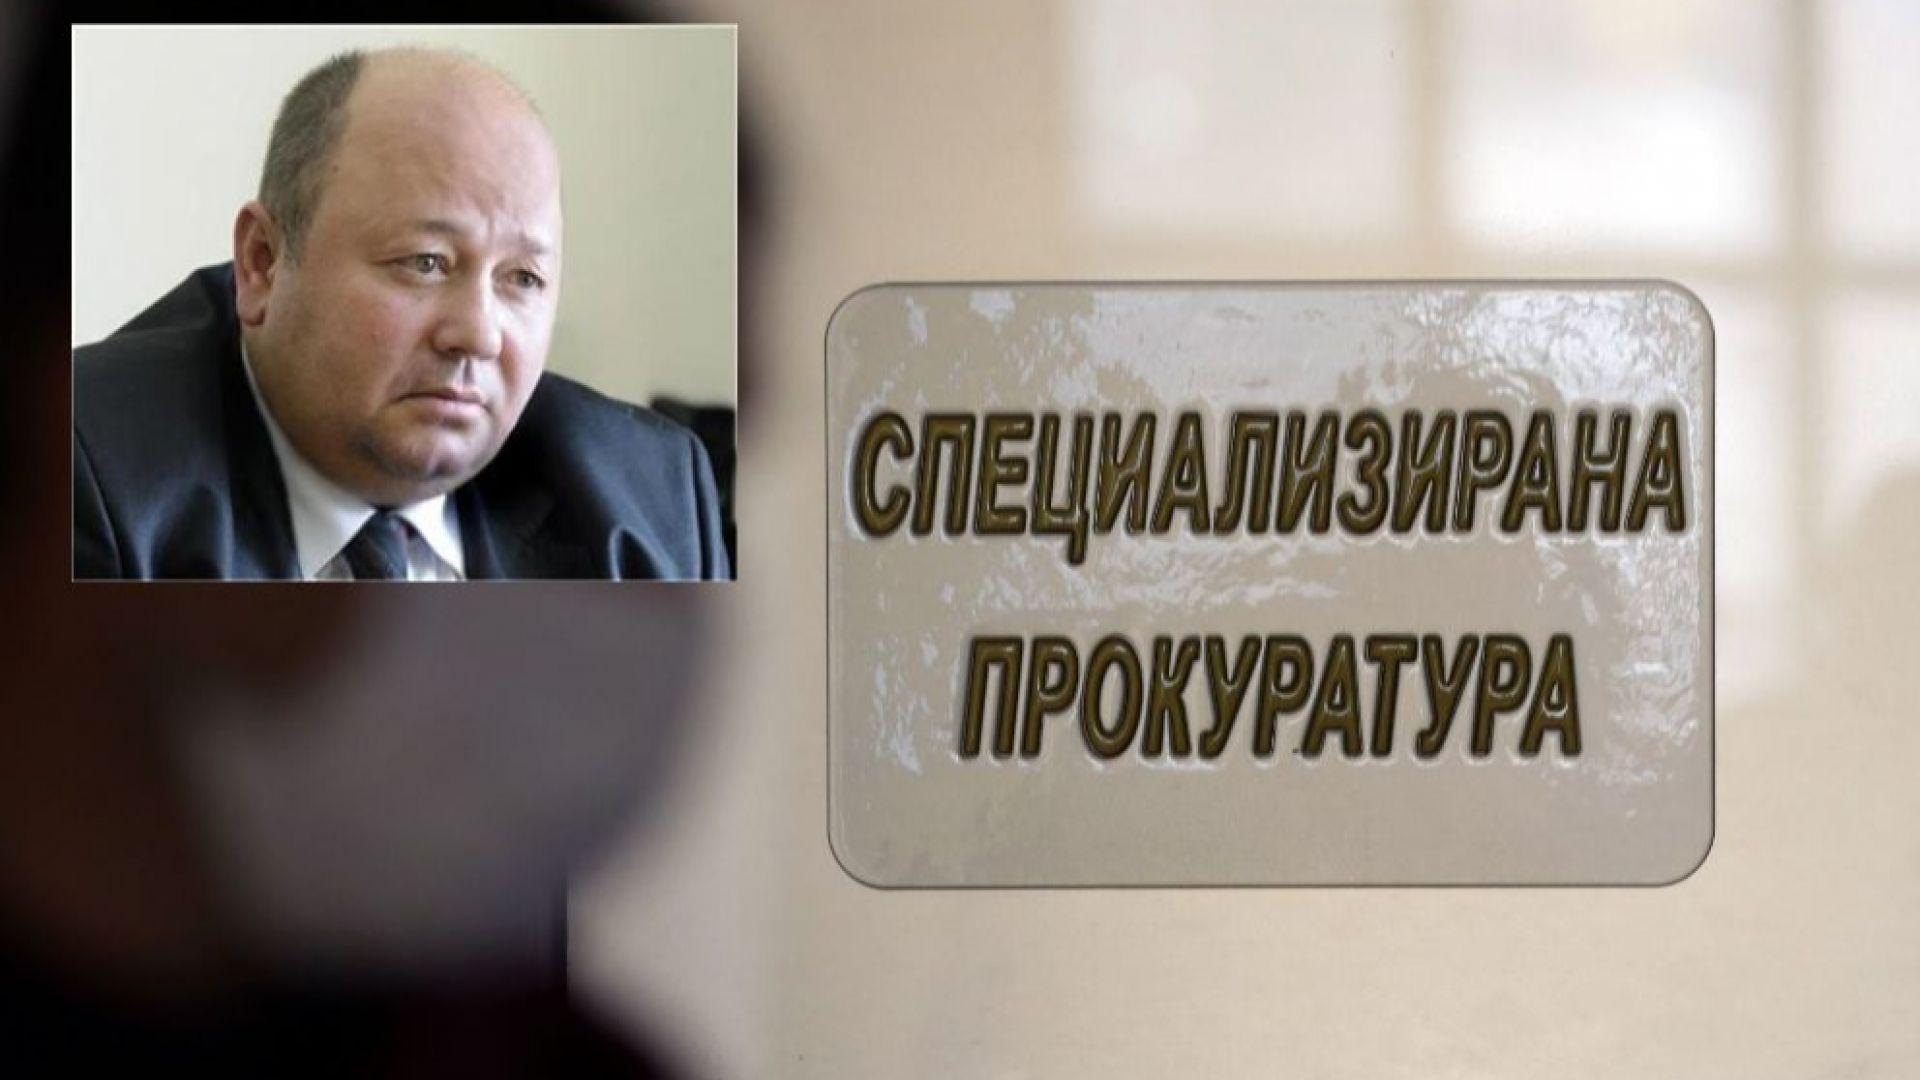 Временният шеф на Спецпрокуратурата подаде оставка, оглави я негова заместничка